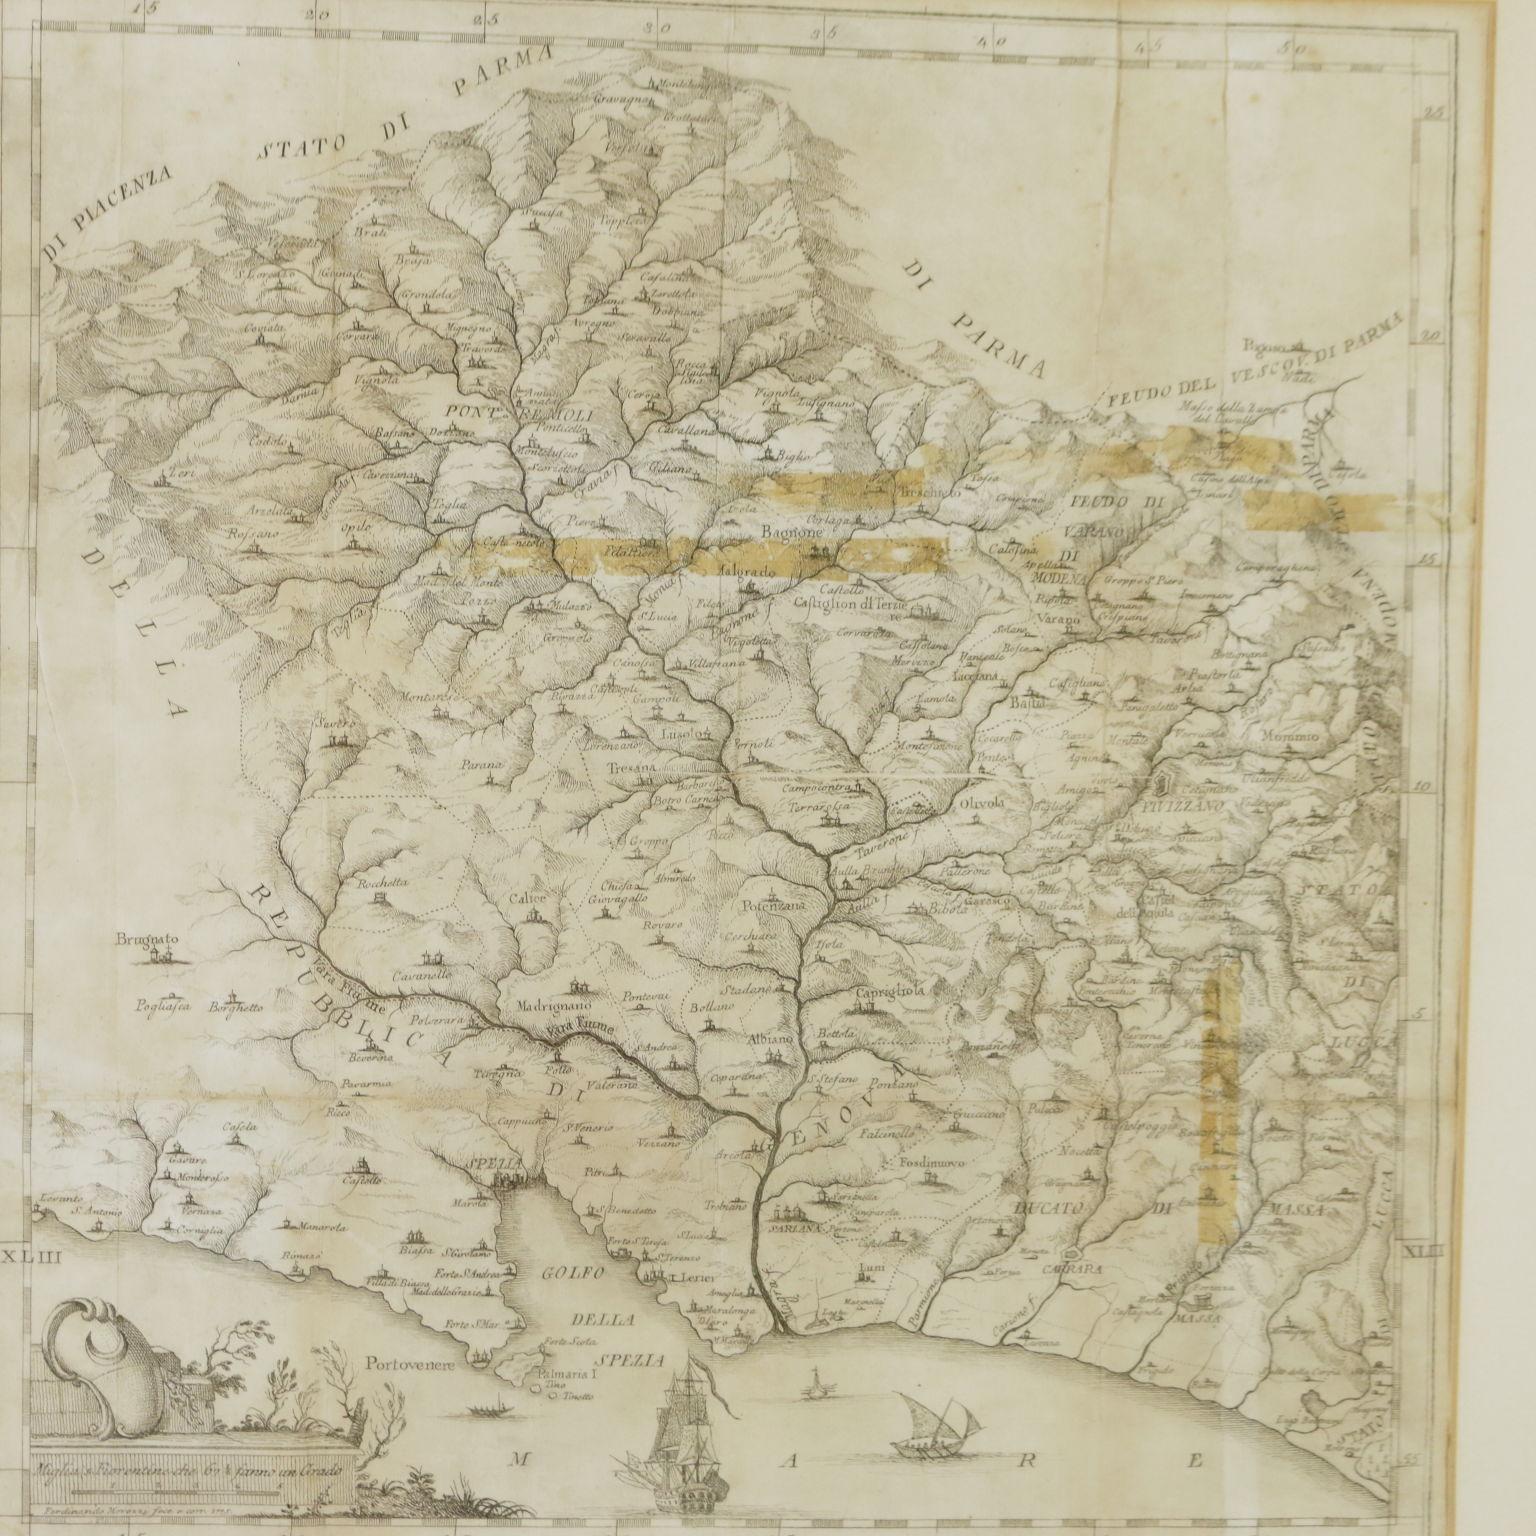 Cartina Della Grecia Antica In Italiano.Cartina Della Provincia Della Lunigiana Pittura Antica Arte Dimanoinmano It